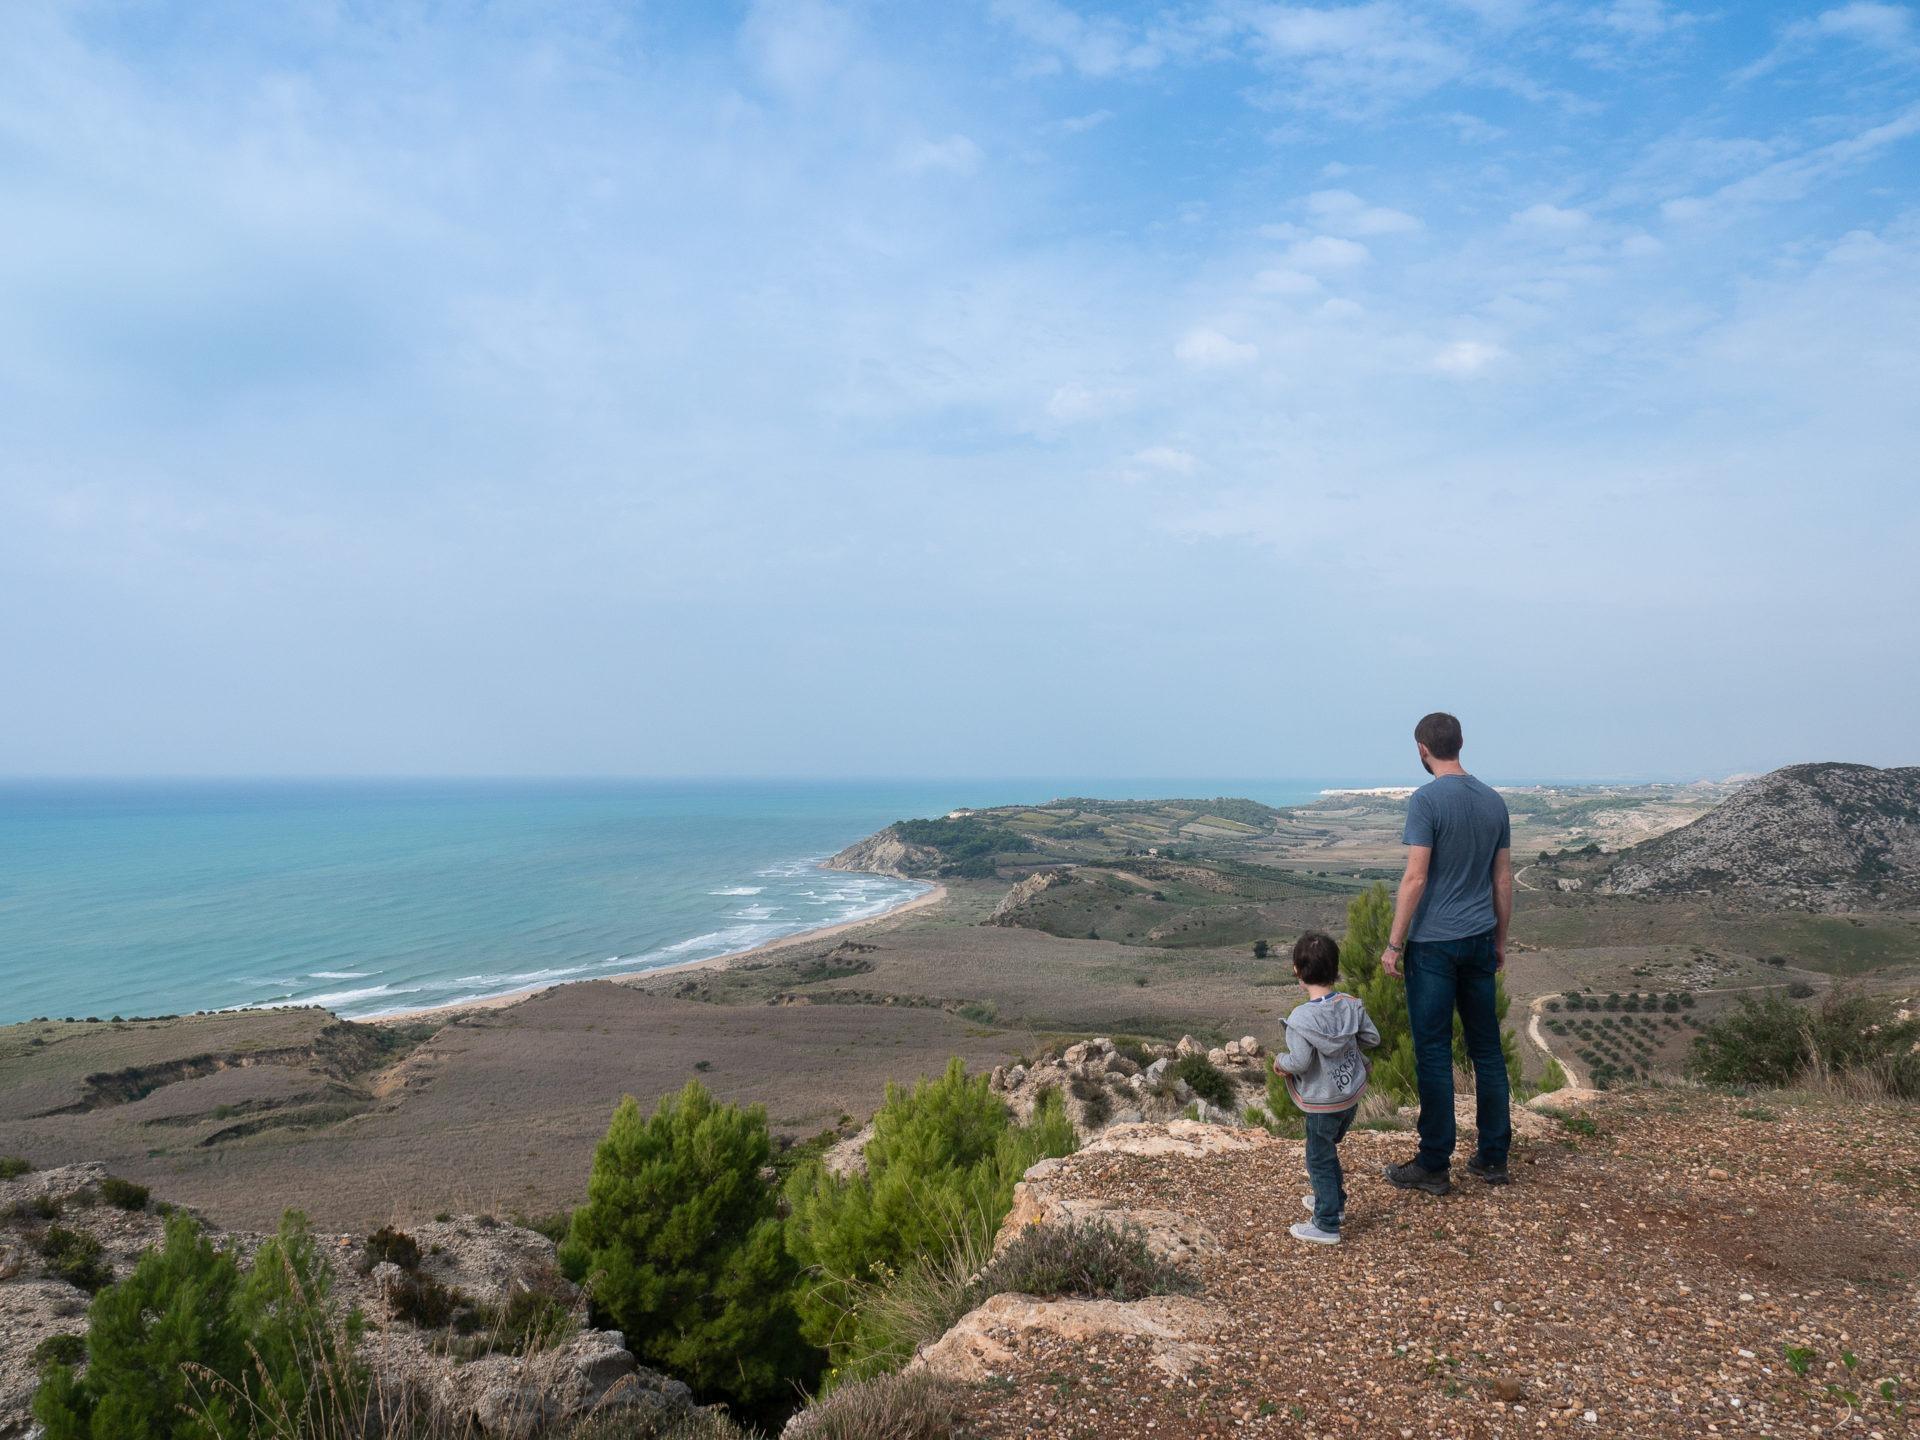 sicile torresalsa 52974 - Les globe blogueurs - blog voyage nature